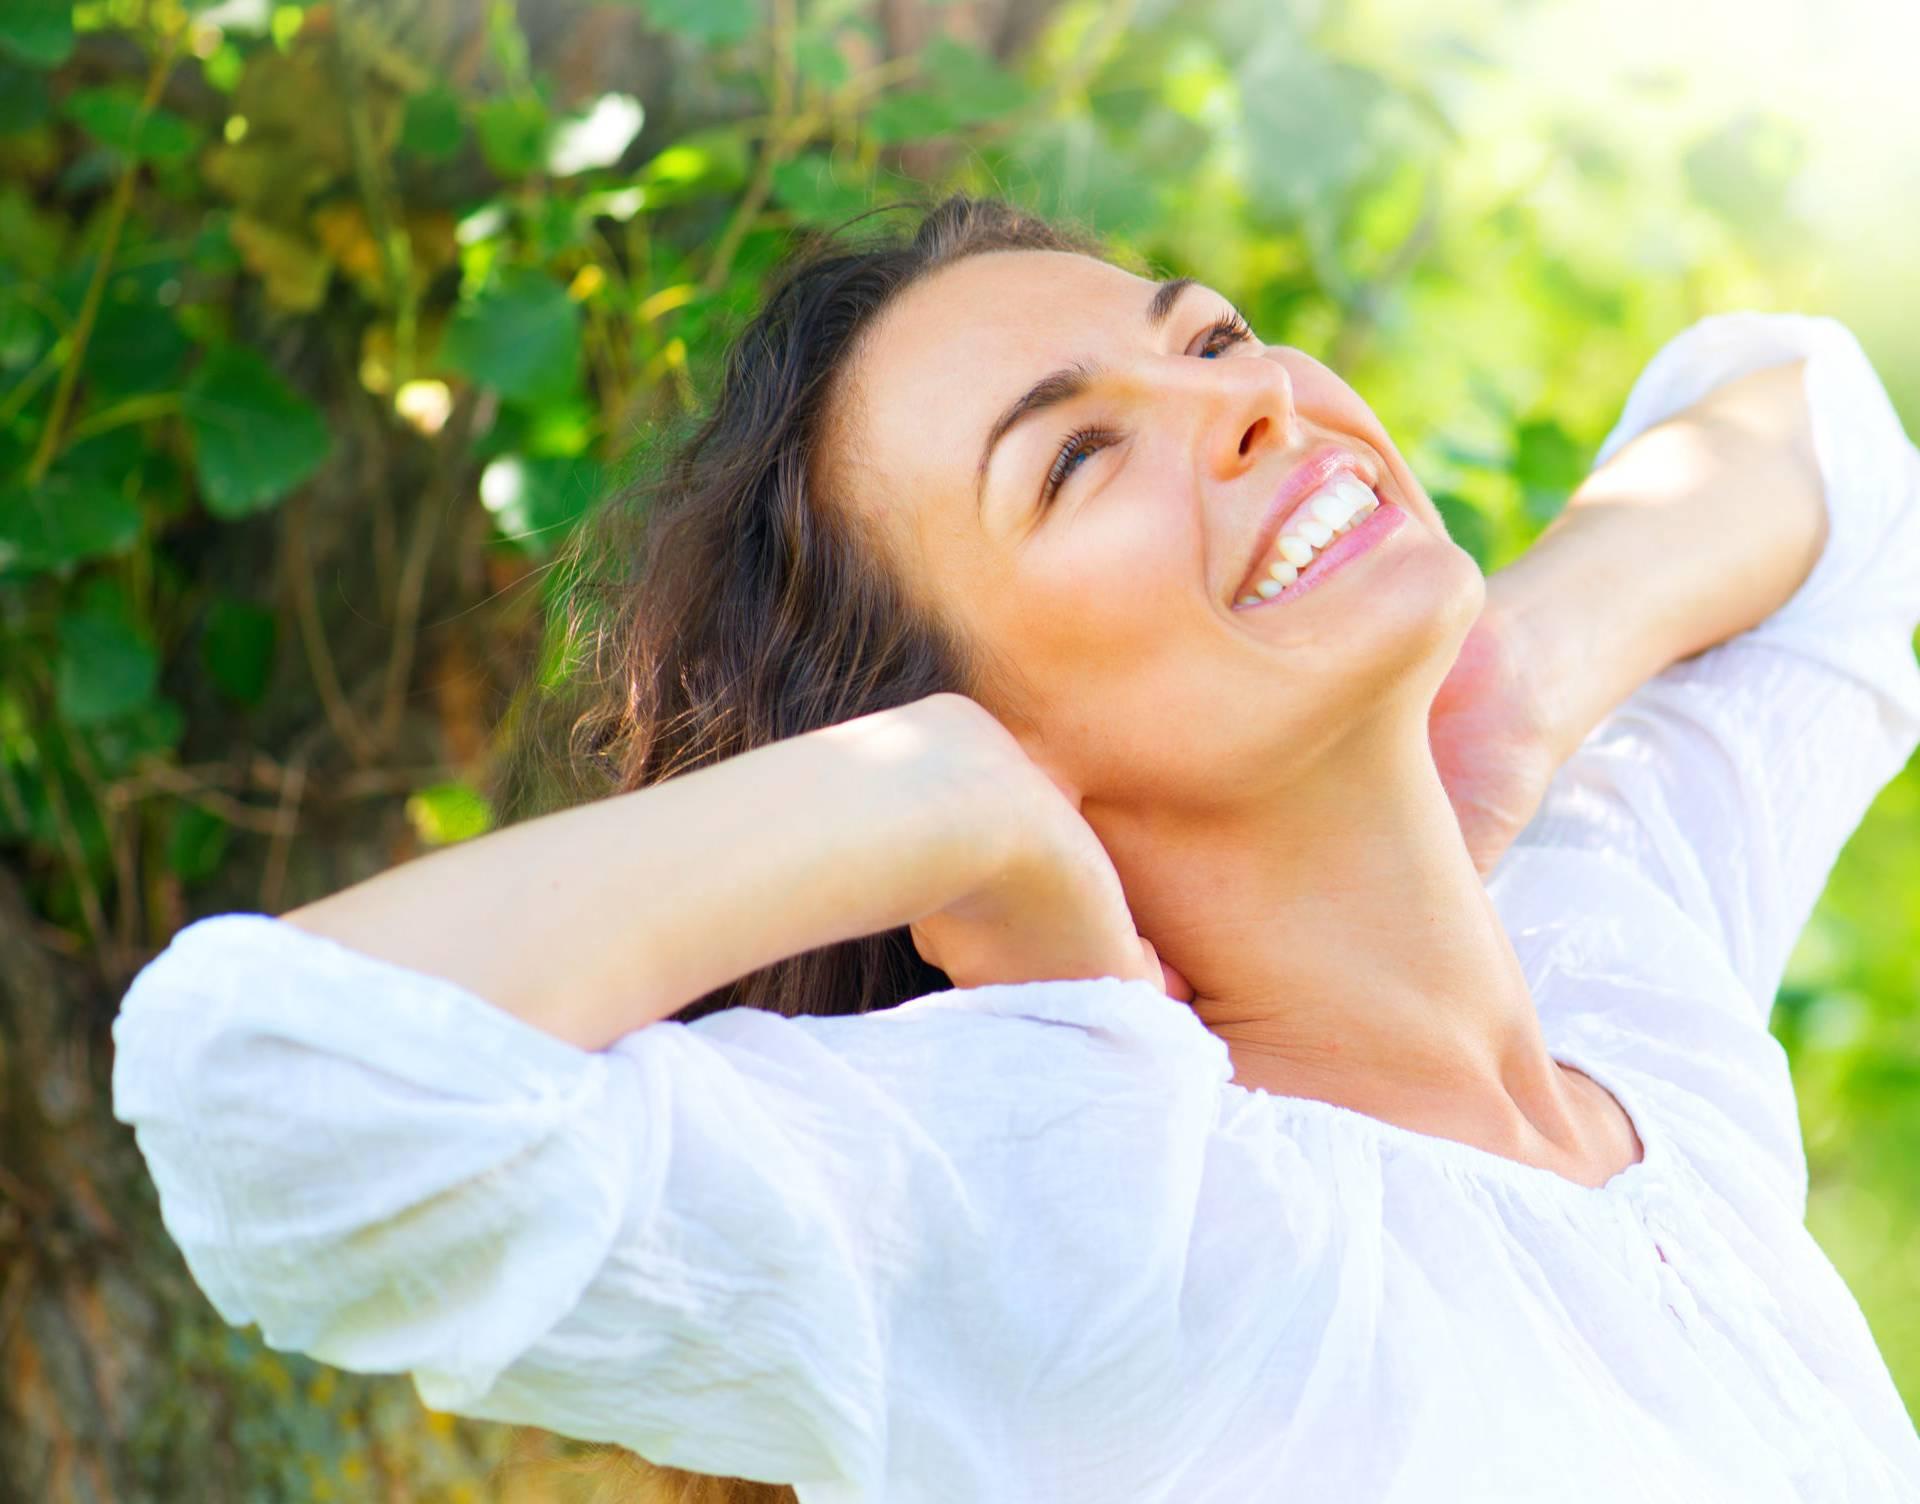 Treba vam nešto da vam brzo popravi raspoloženje? Ovih 25 citata će vas odmah inspirirati